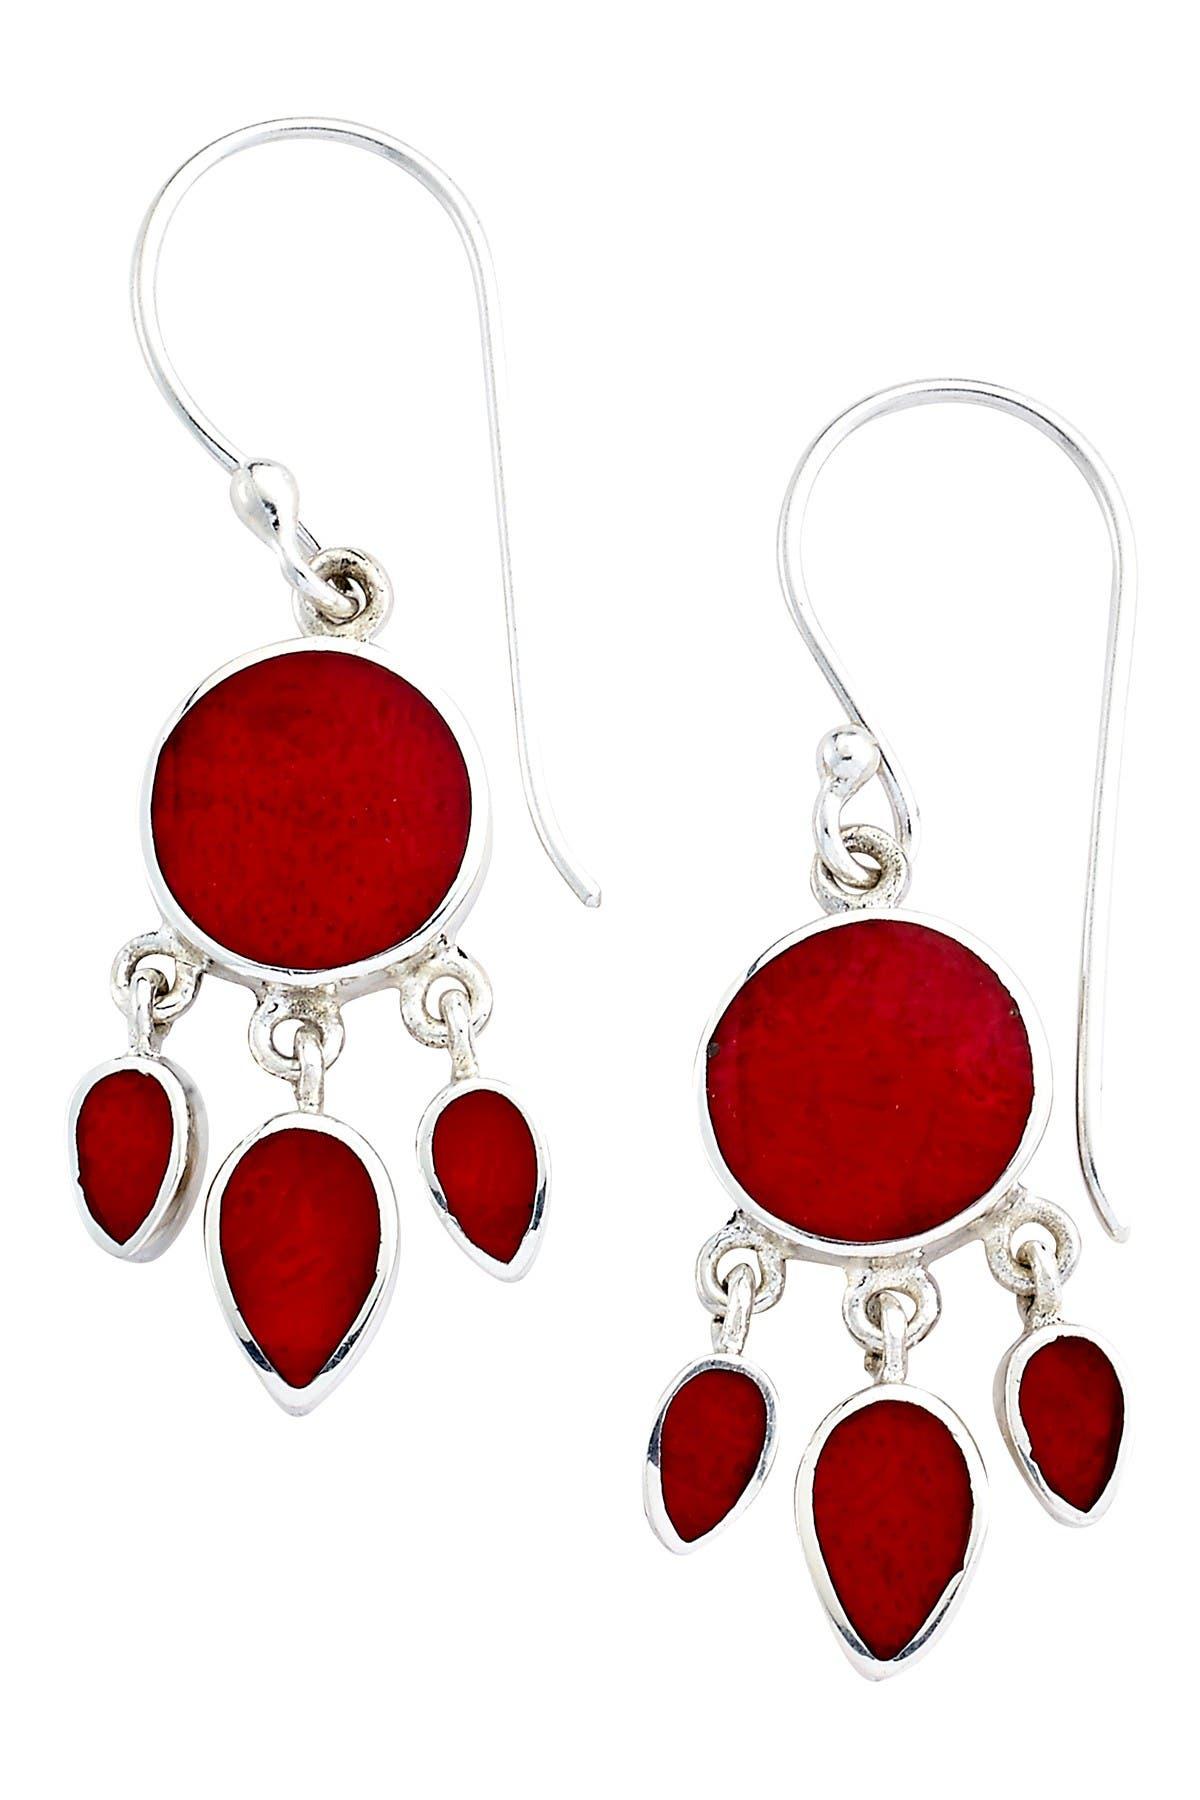 Samuel B Jewelry Sterling Silver Bezel Set Coral Chandelier Earrings Nordstrom Rack